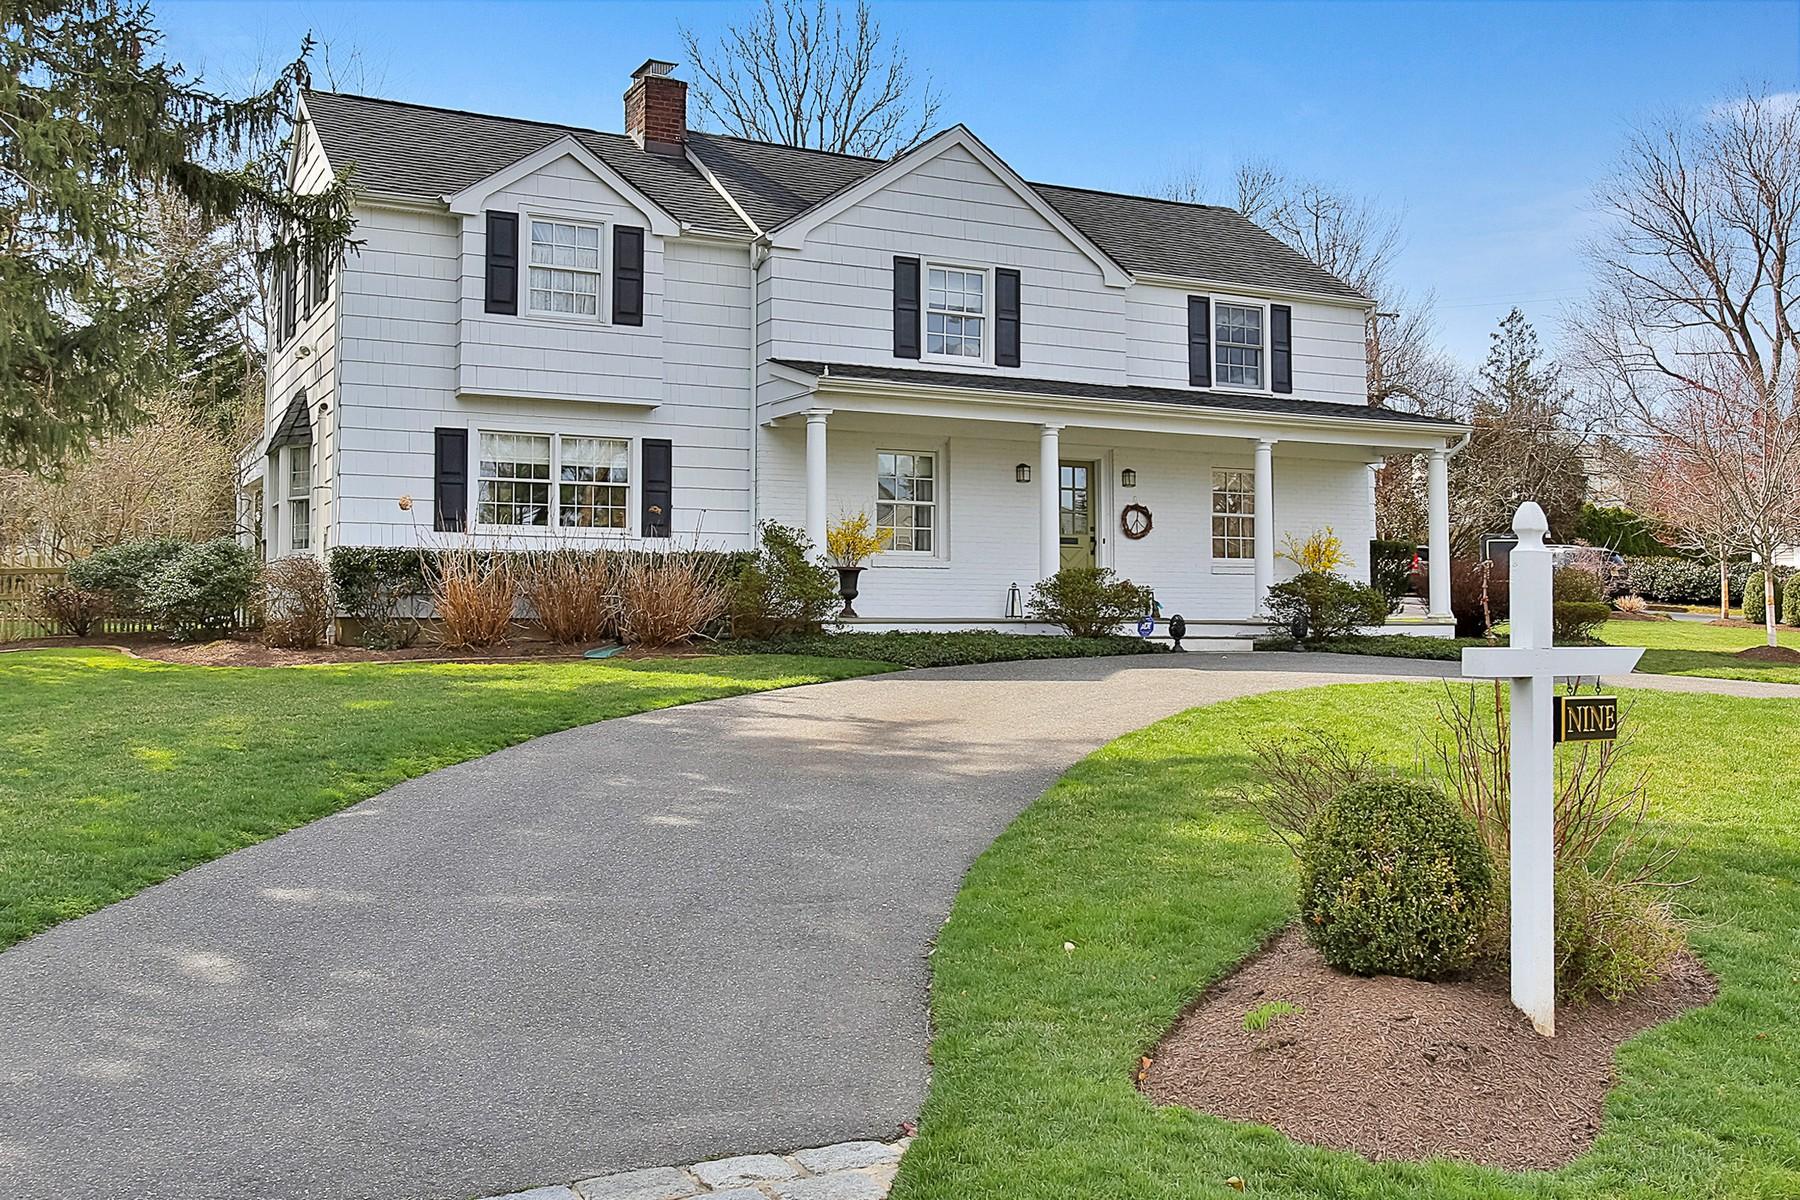 Maison unifamiliale pour l Vente à Quintessential Rumson Colonial 9 North Cherry Lane Rumson, New Jersey 07760 États-Unis